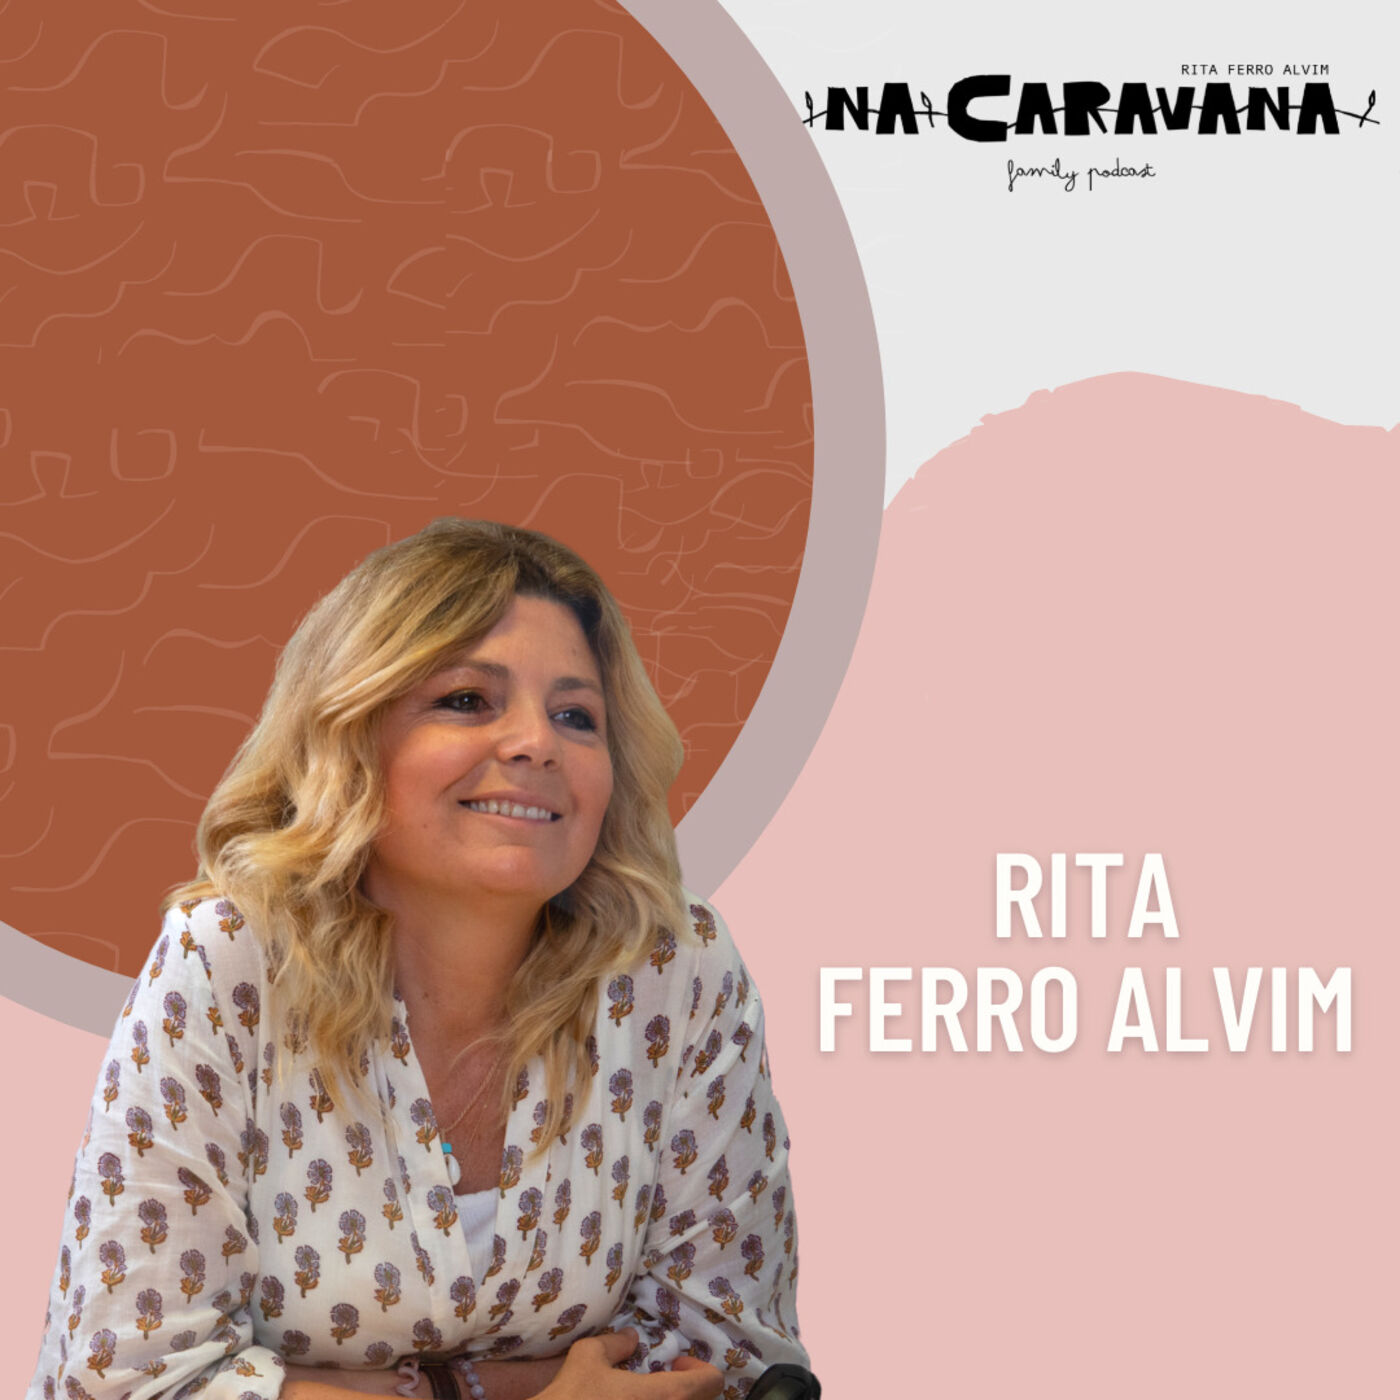 N'A Caravana com Rita Ferro Alvim #100 Episódio 100, vida e podcast